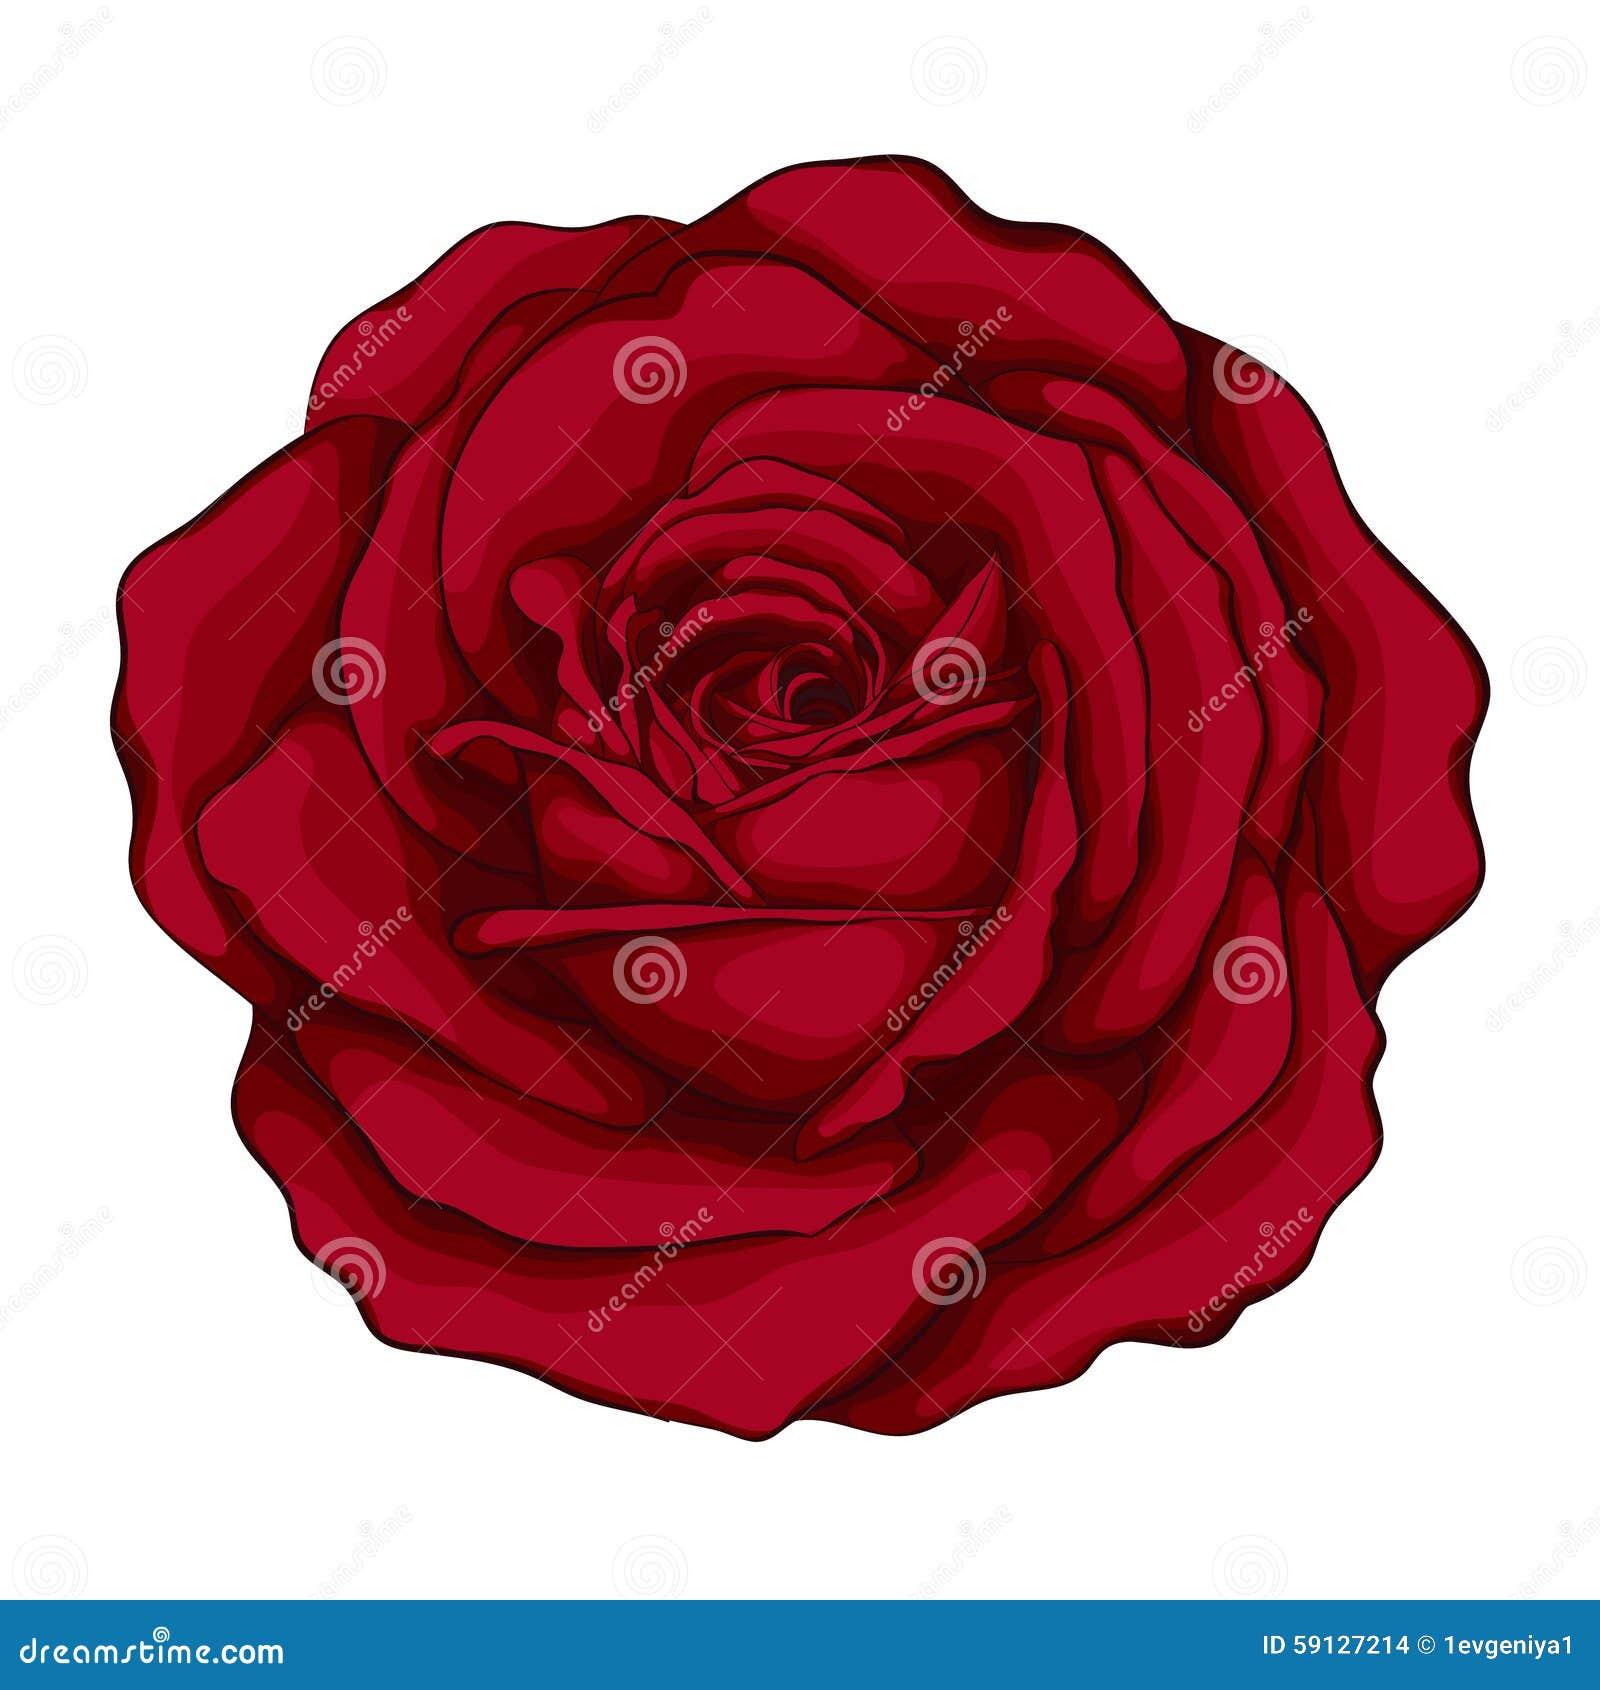 Bella rosa rossa con l 39 acquerello di effetto isolato su fondo bianco illustrazione vettoriale - Dessin de rose rouge ...